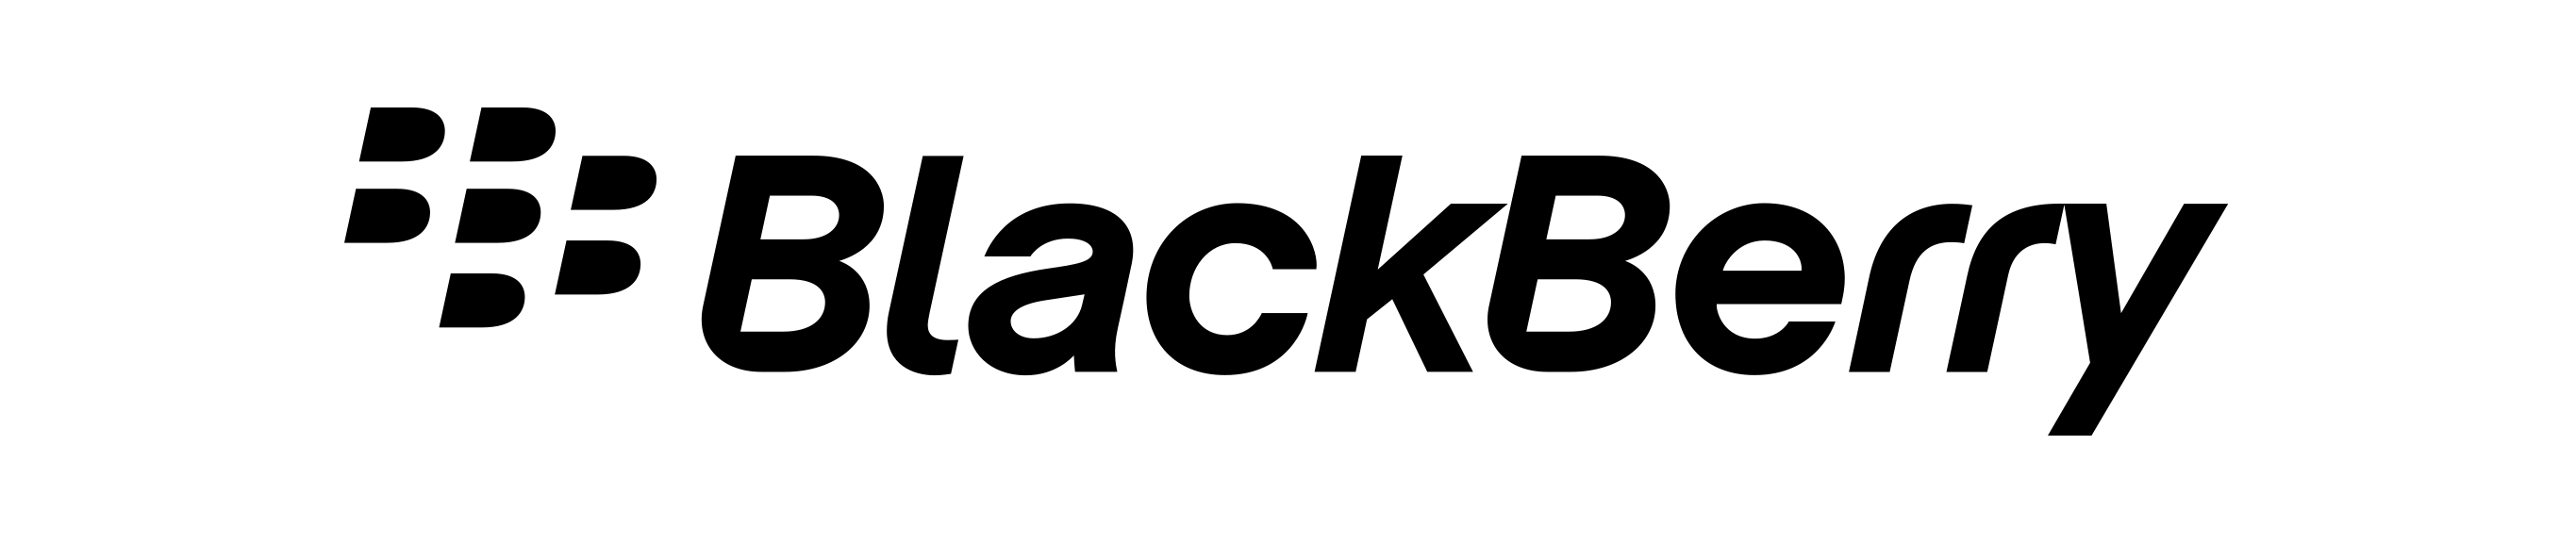 Blackberry_Logo_